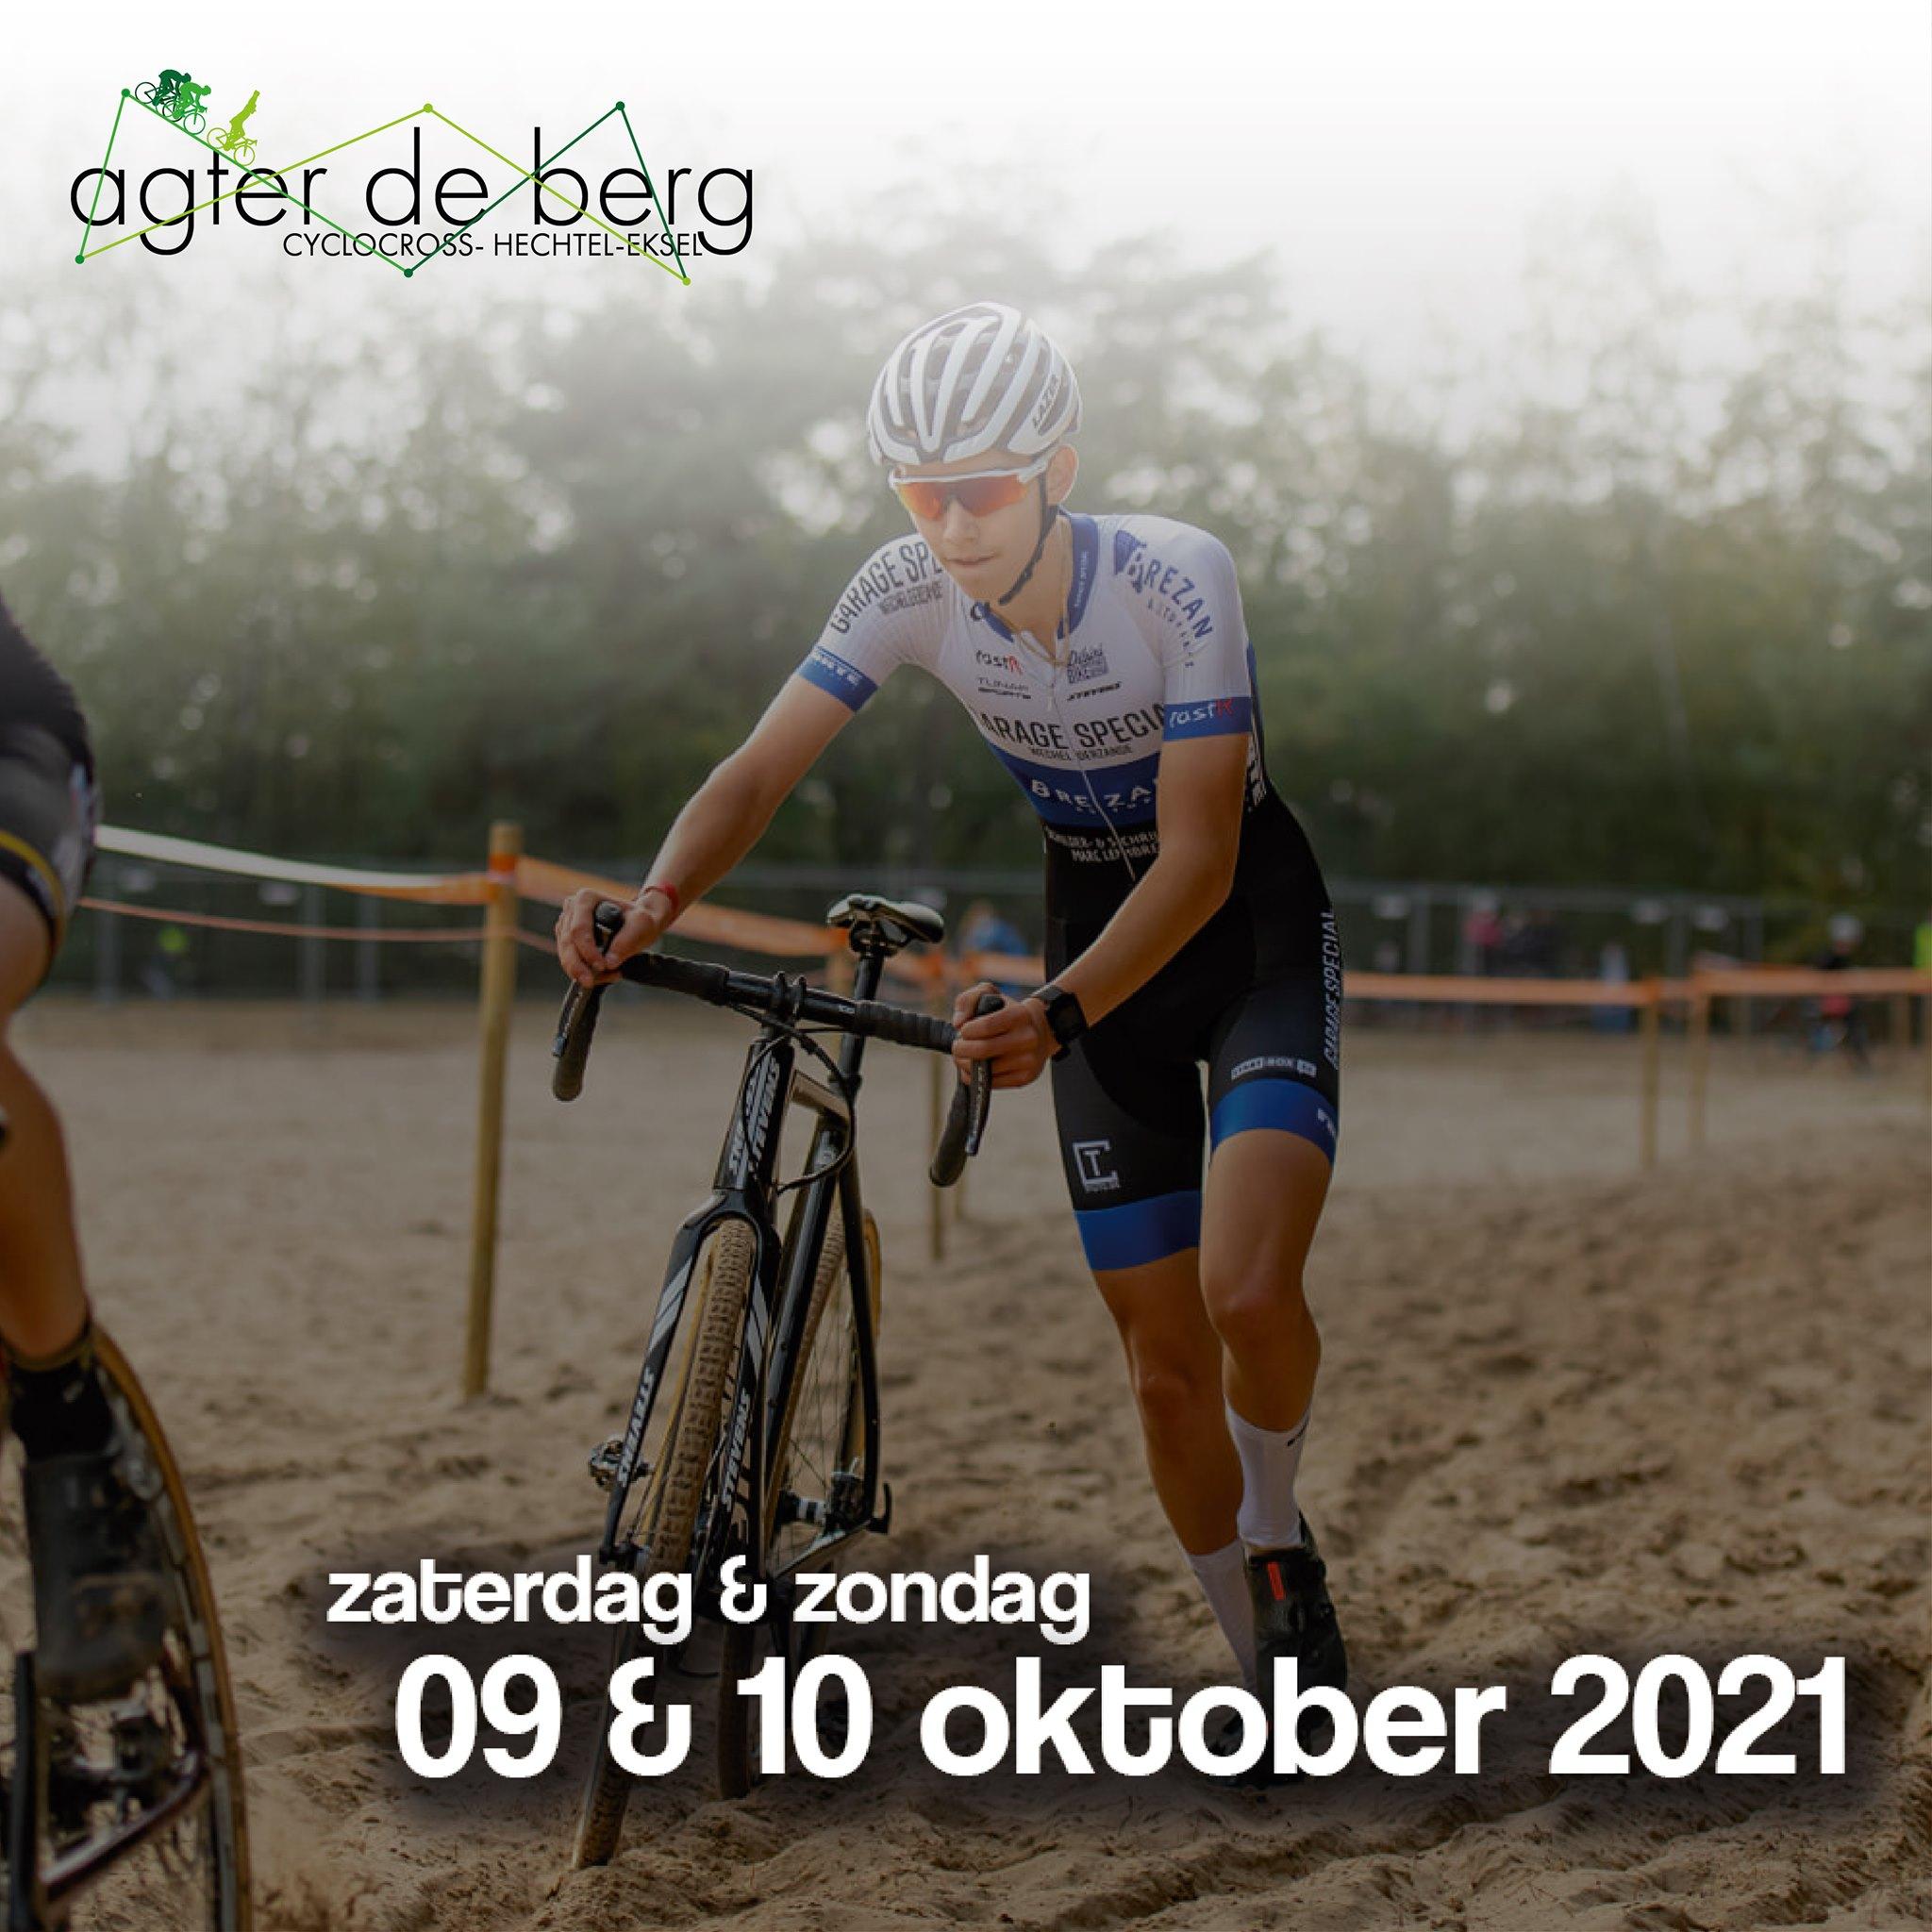 Cyclocross Hechtel voorlopig op 9 en 10 oktober 2021